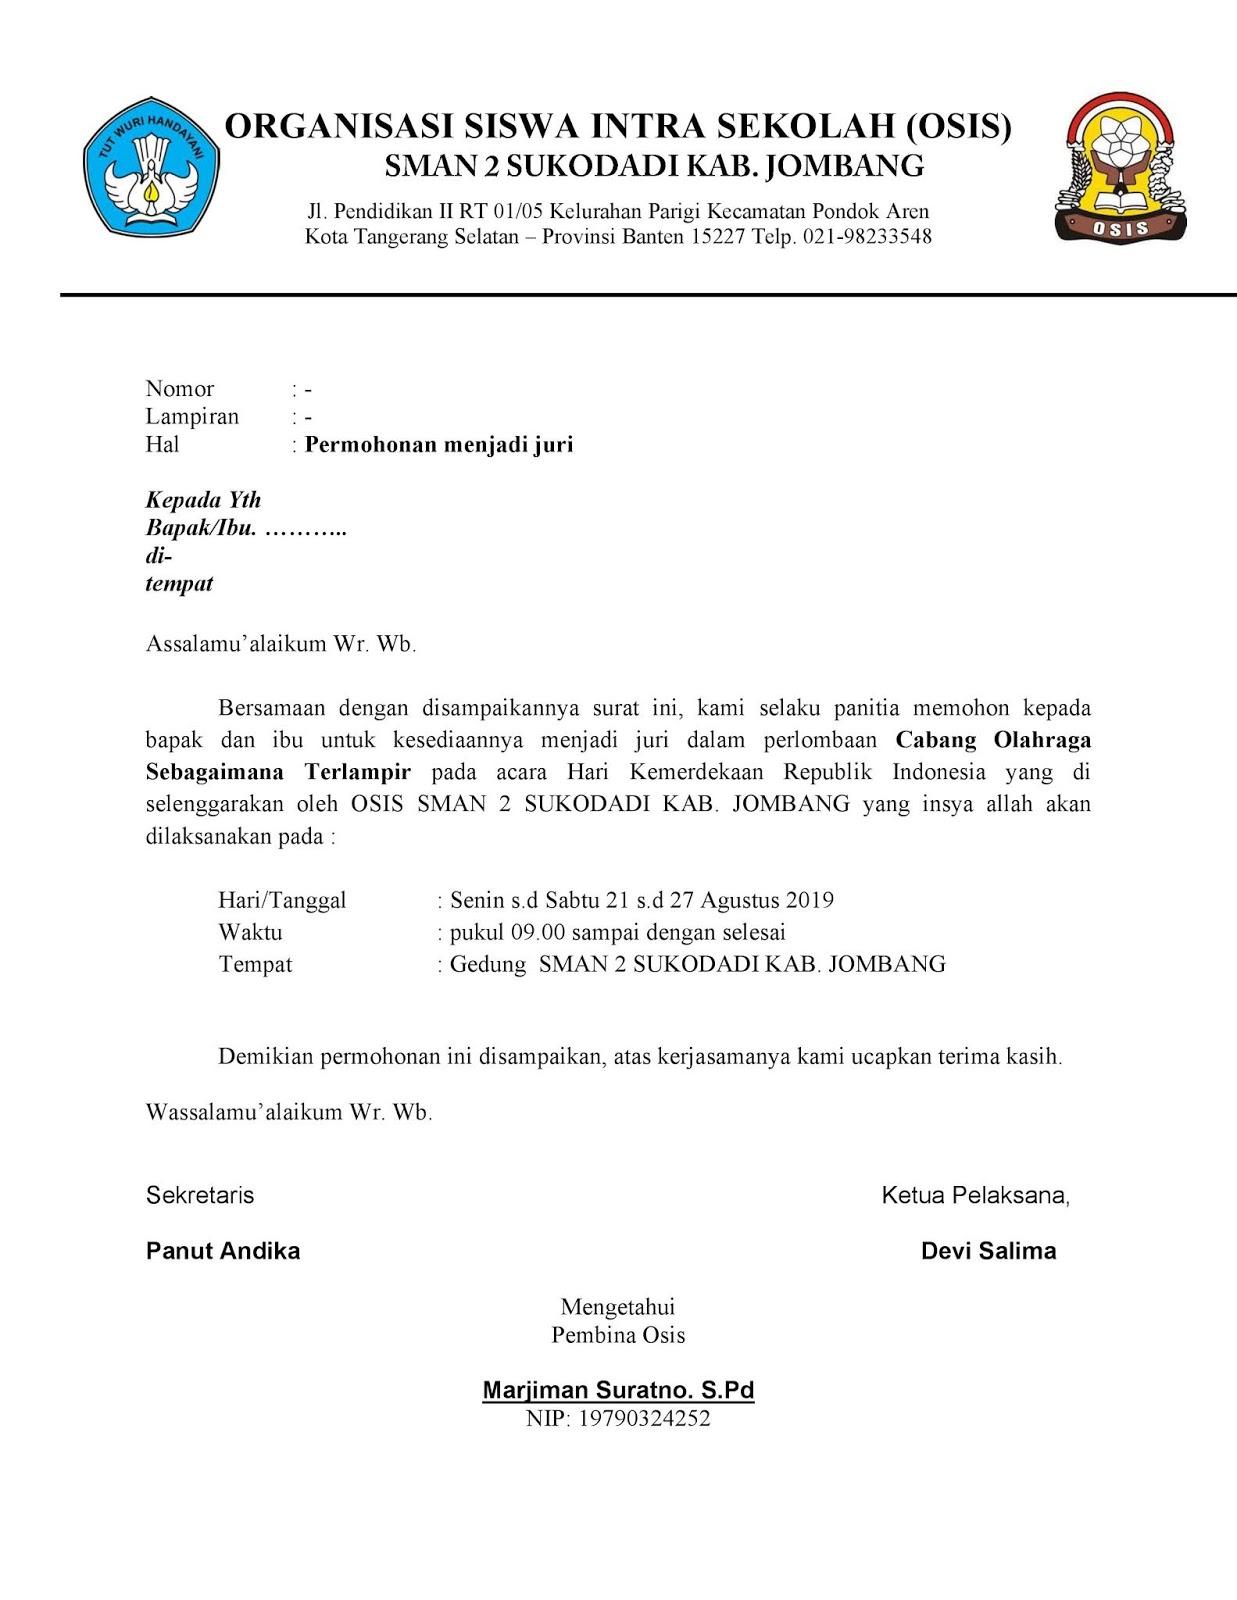 Contoh Surat Undangan Juri Lomba Membuat Surat Permohonan